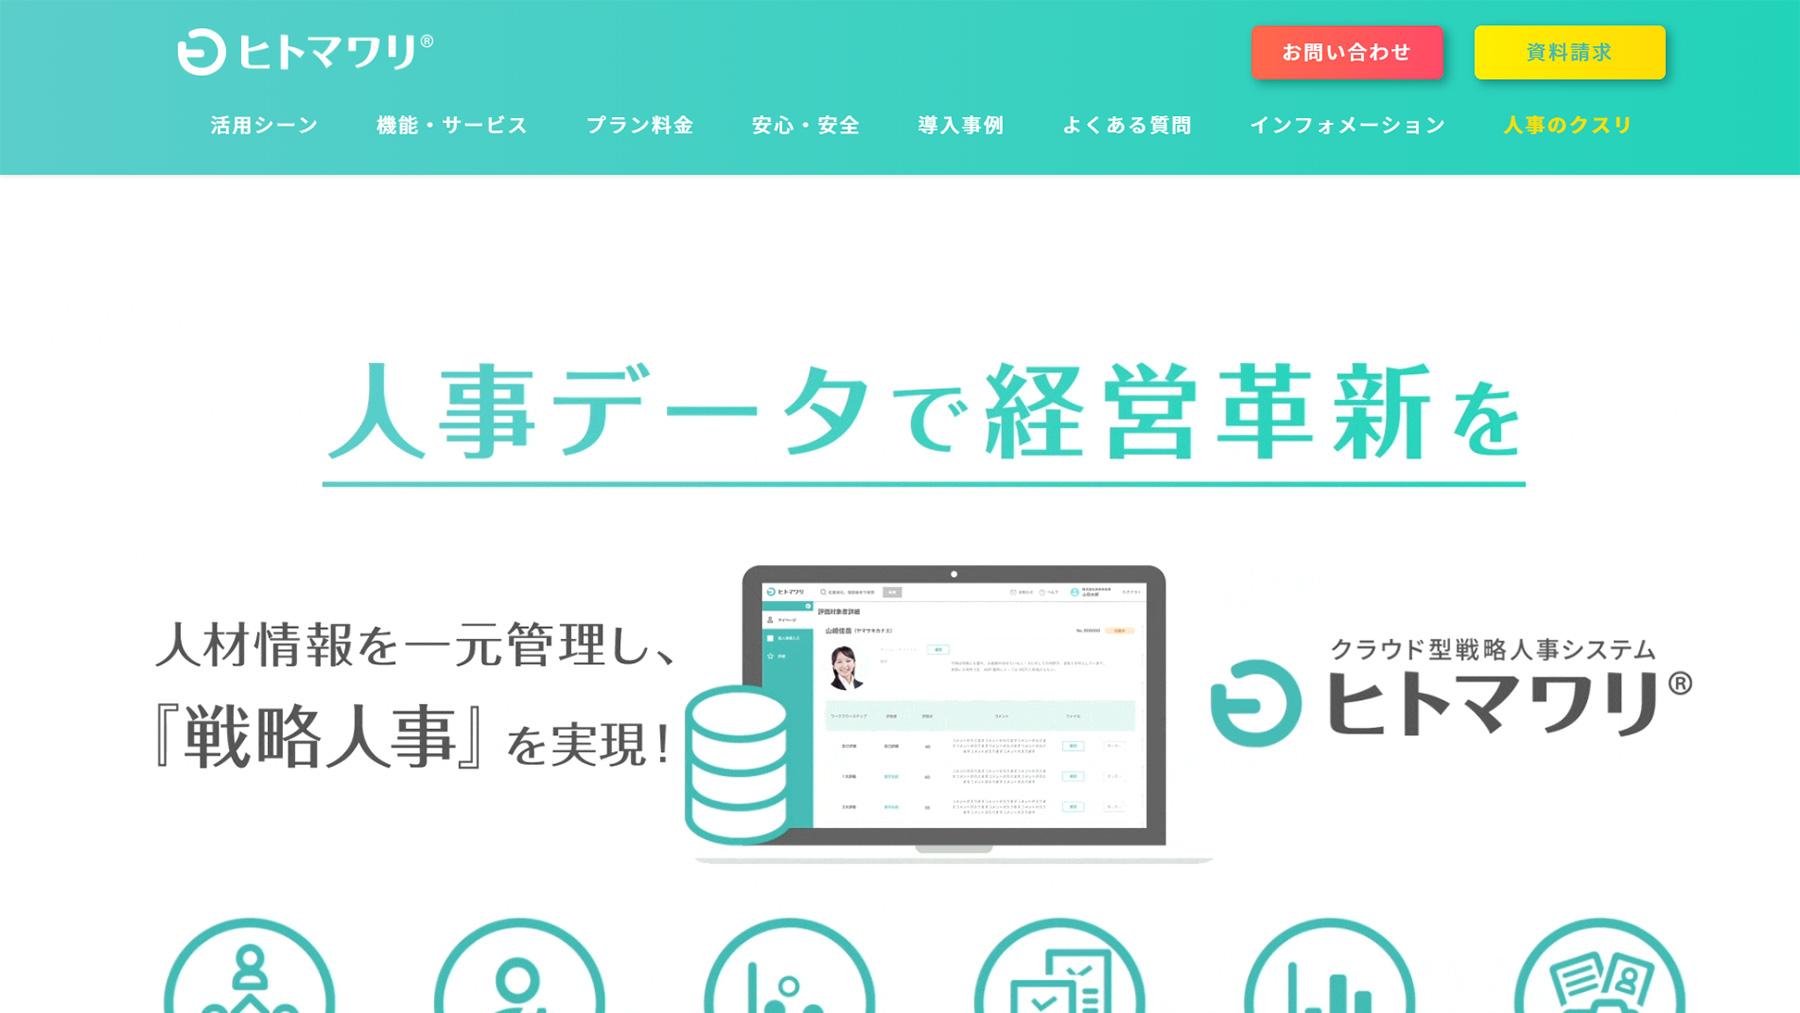 ヒトマワリ公式Webサイト